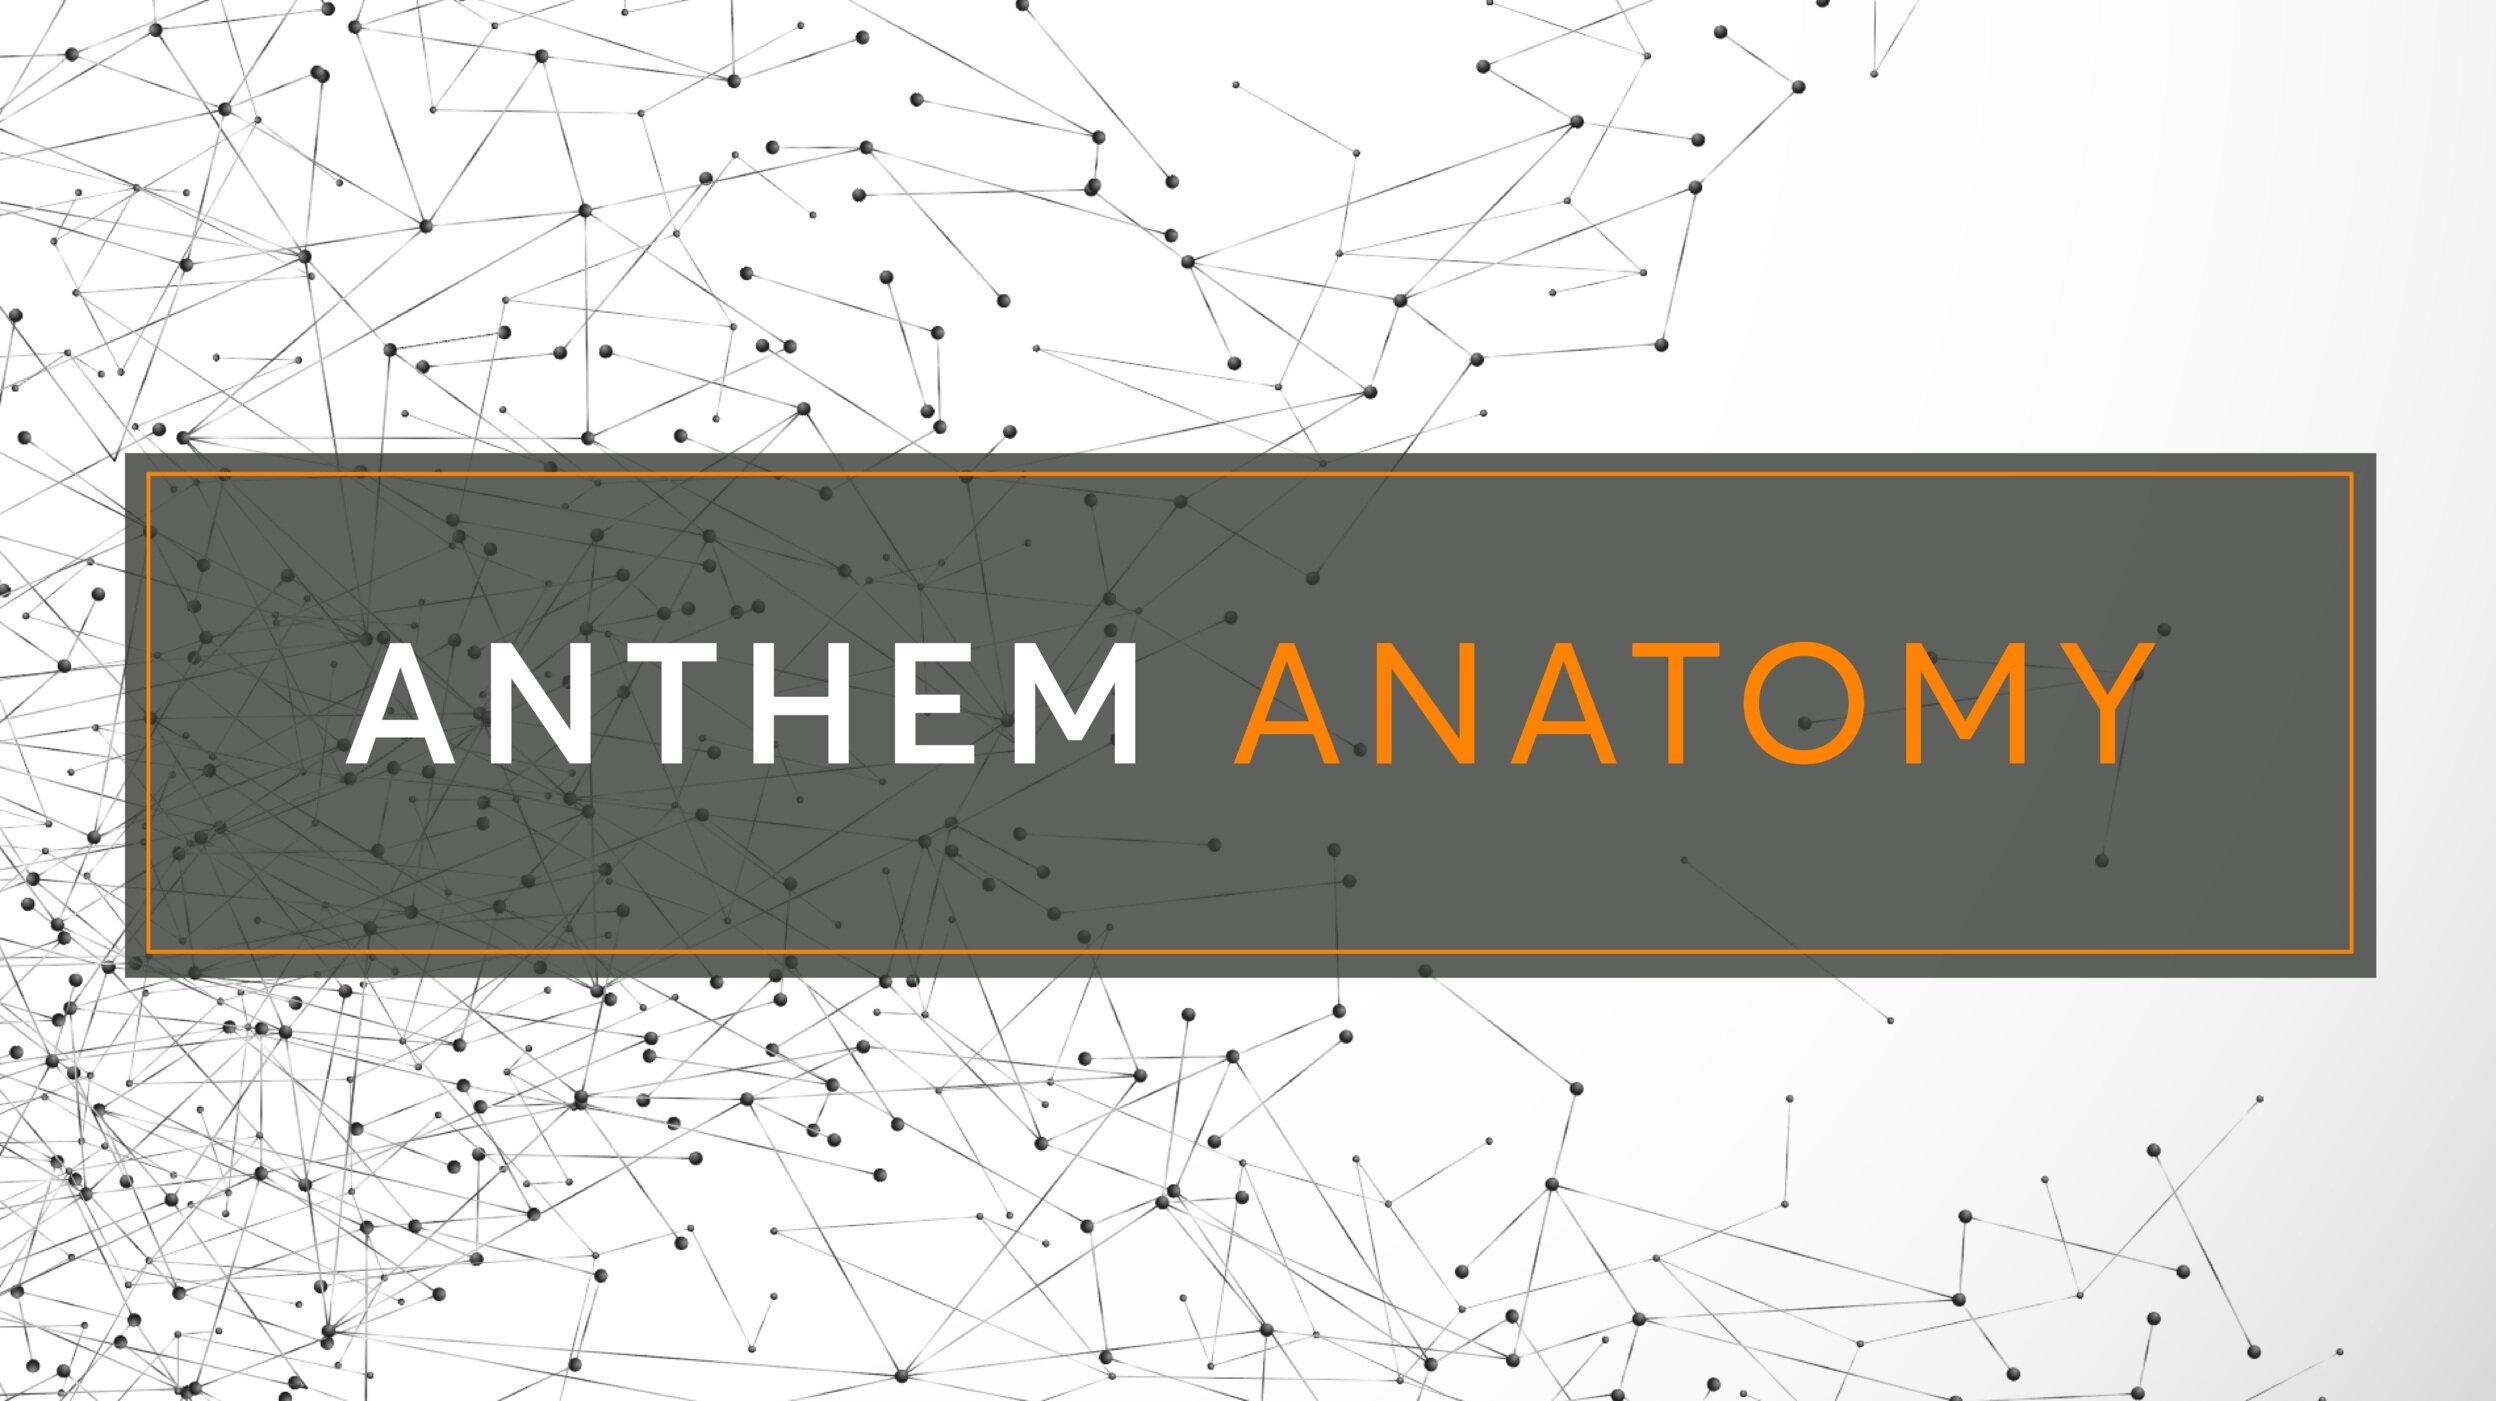 ANTHEM_ANATOMY.jpg